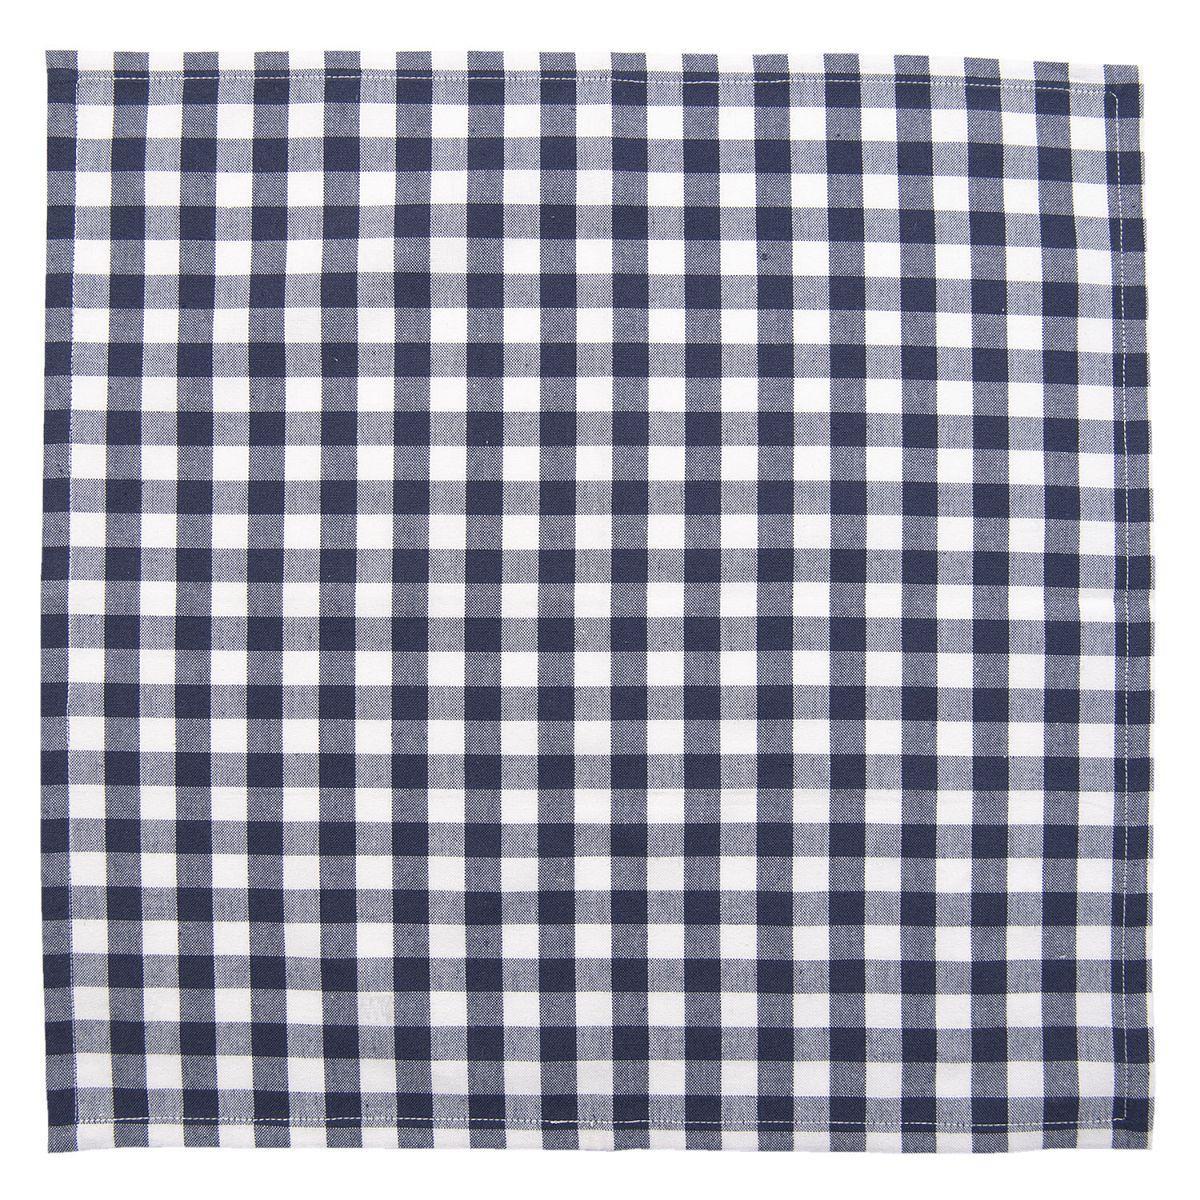 Textilní ubrousky LITTLE CHICKEN 40*40 cm - sada 6 kusů